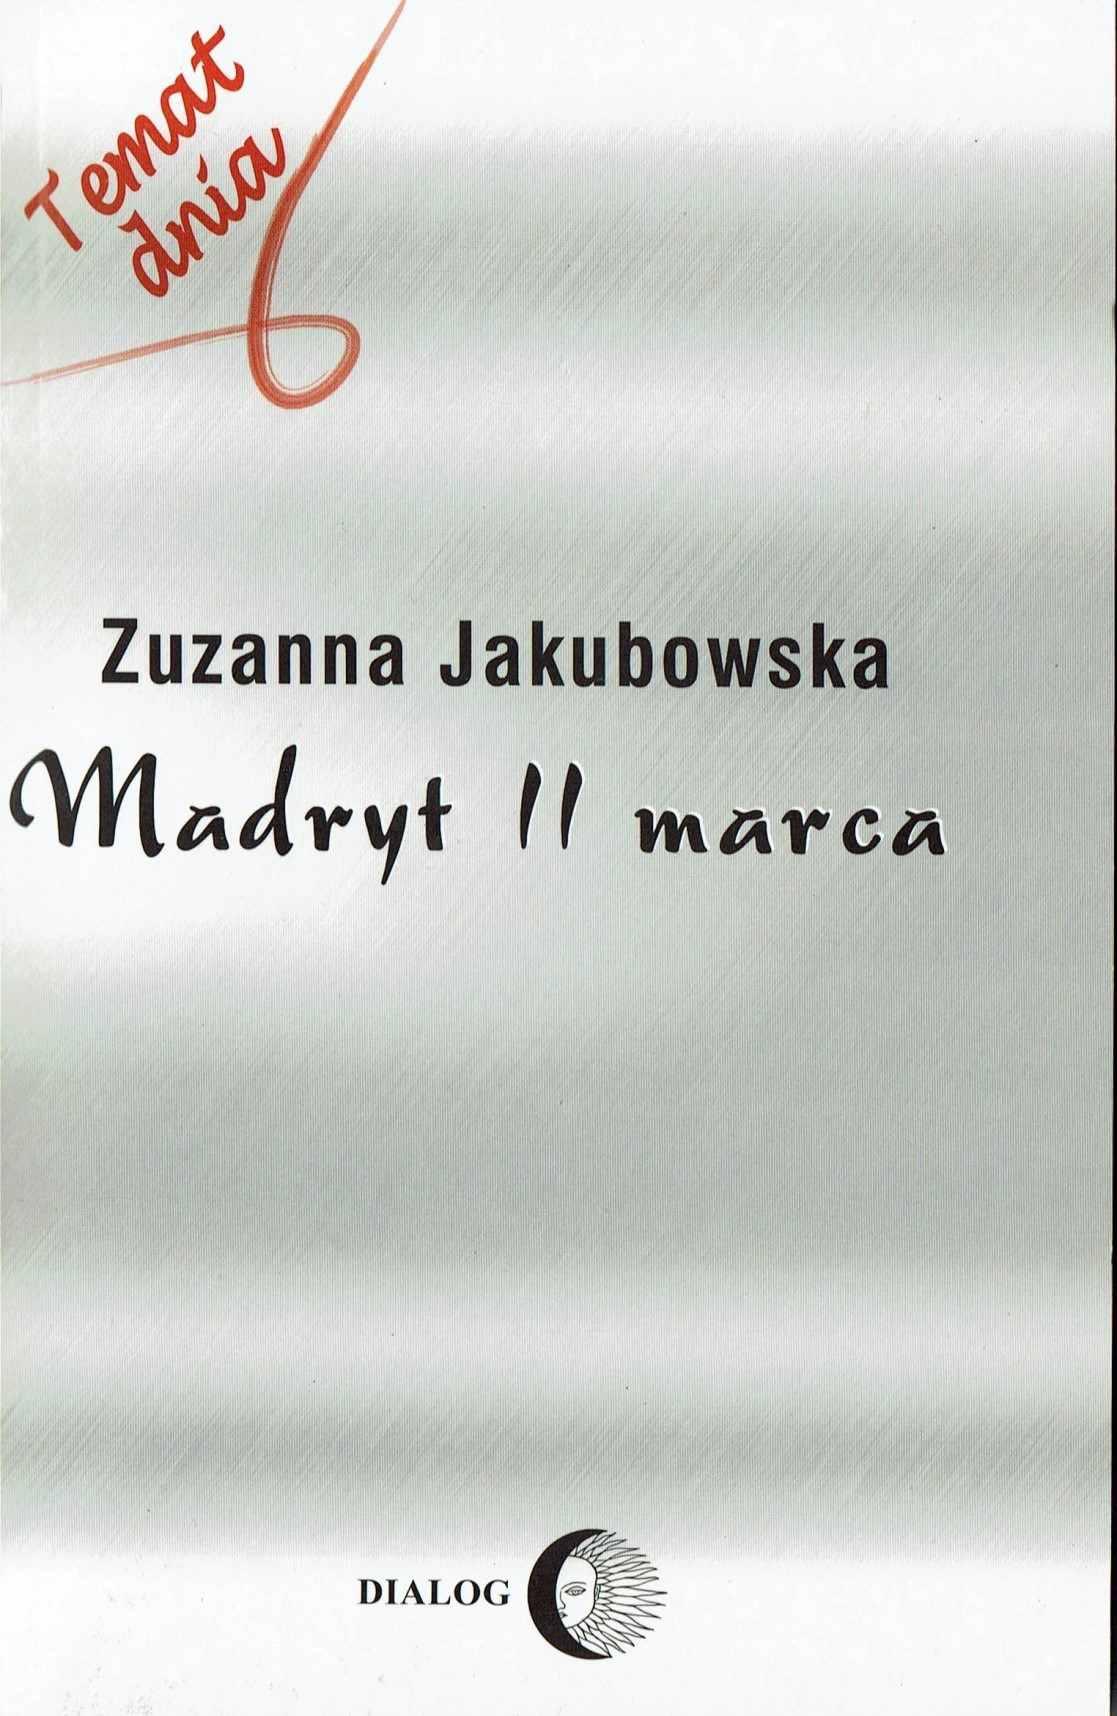 Madryt, 11 marca - Ebook (Książka EPUB) do pobrania w formacie EPUB